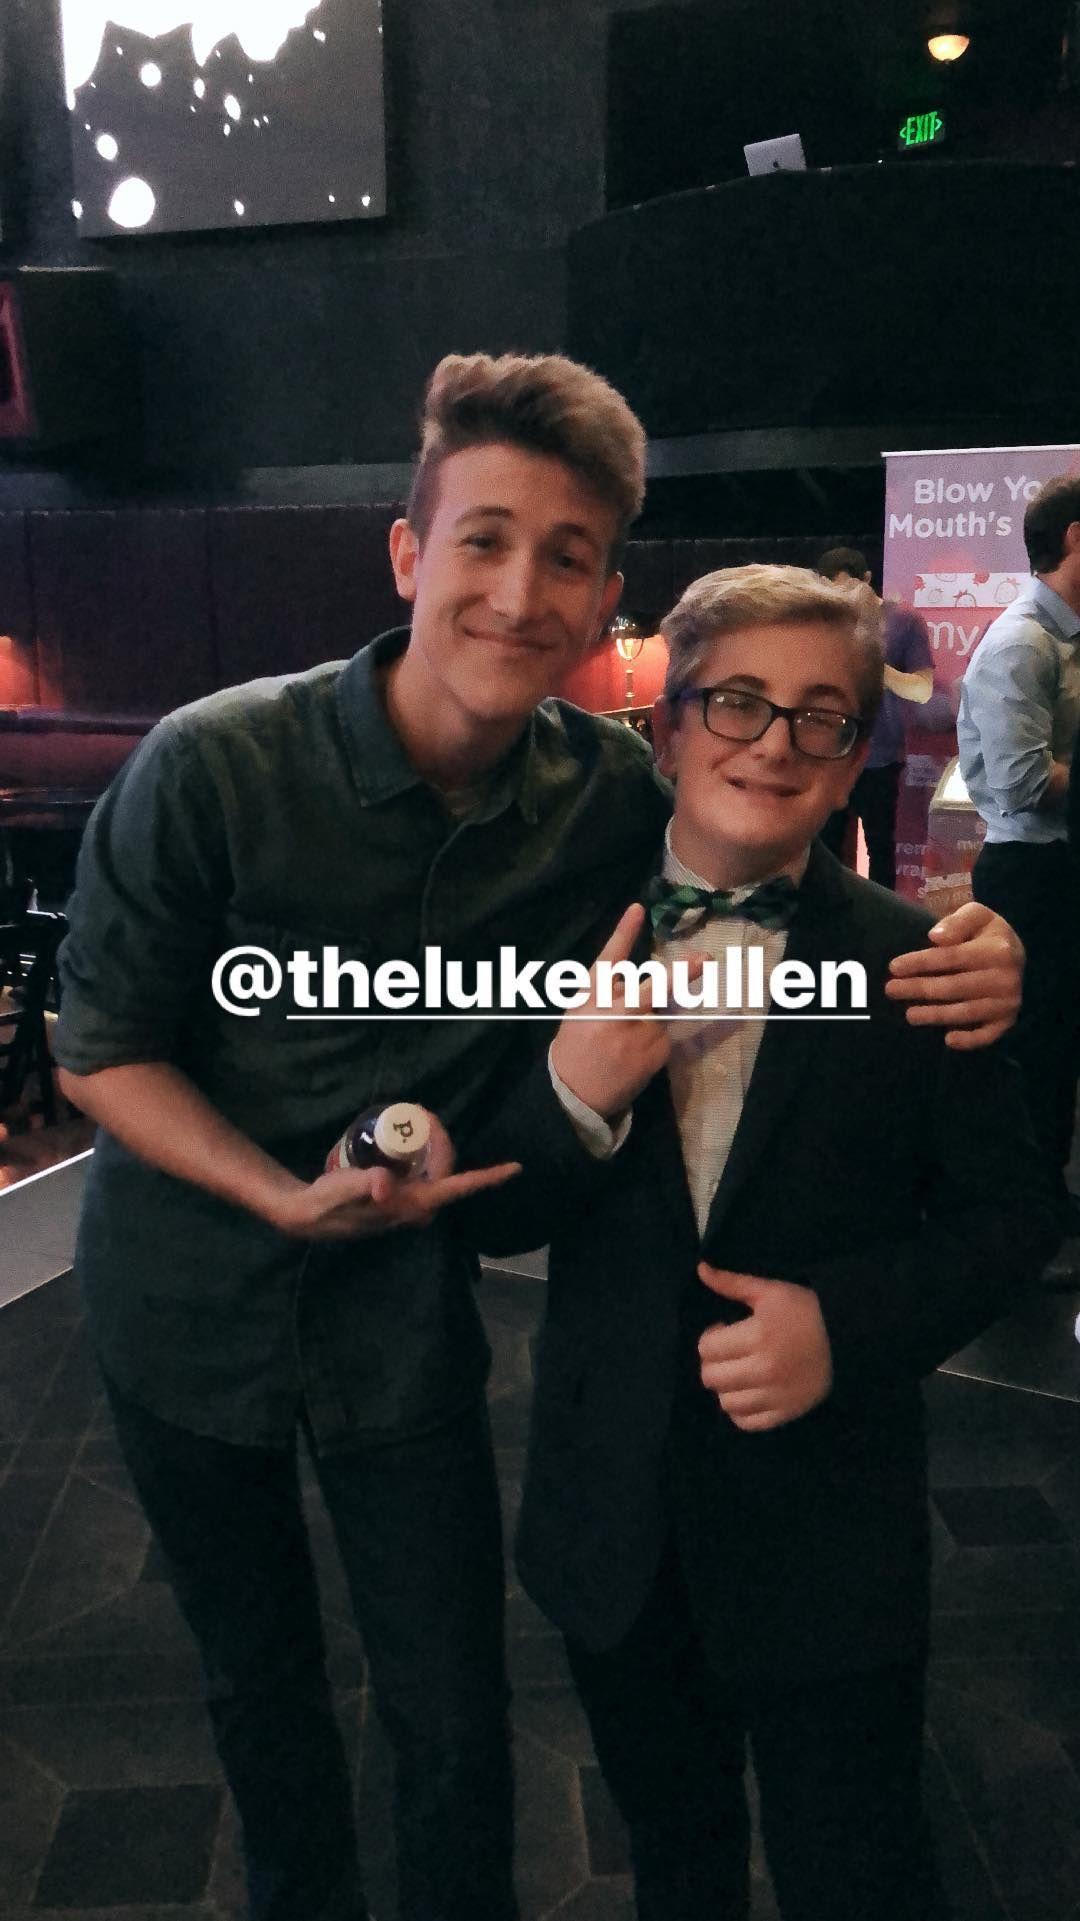 General photo of Luke Mullen